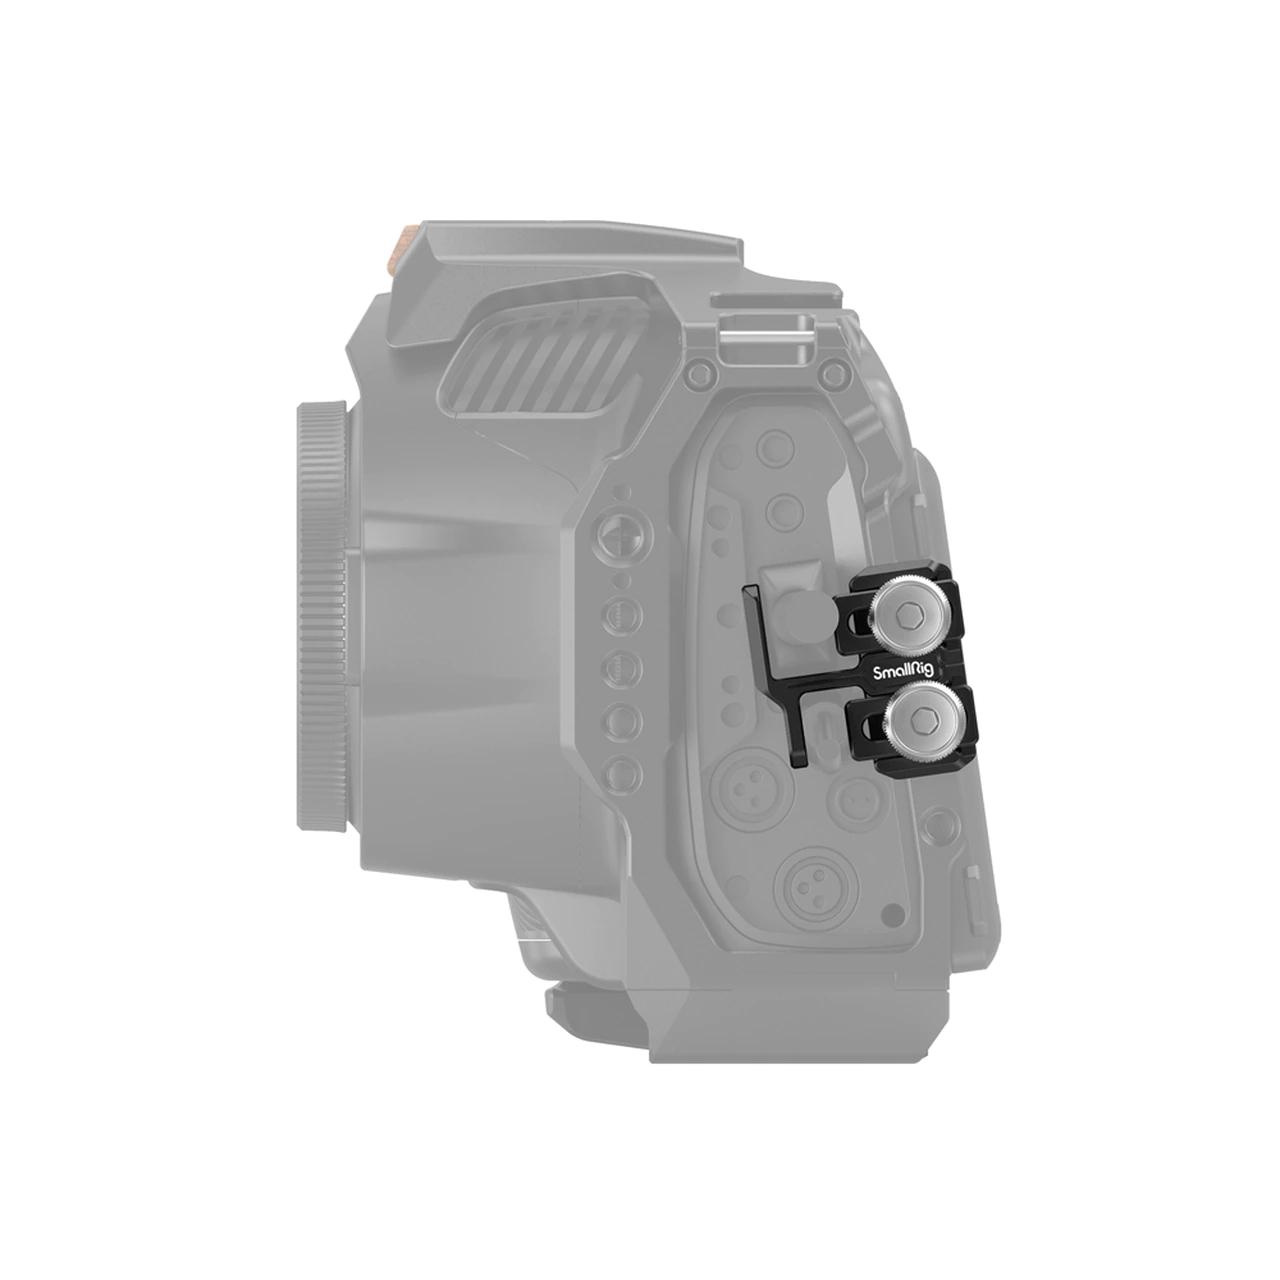 smallrig-3271-bmpcc-6k-pro-pocket-cable-clapm-hdmi-usb-zabezpieczenie-kabli-05.jpg